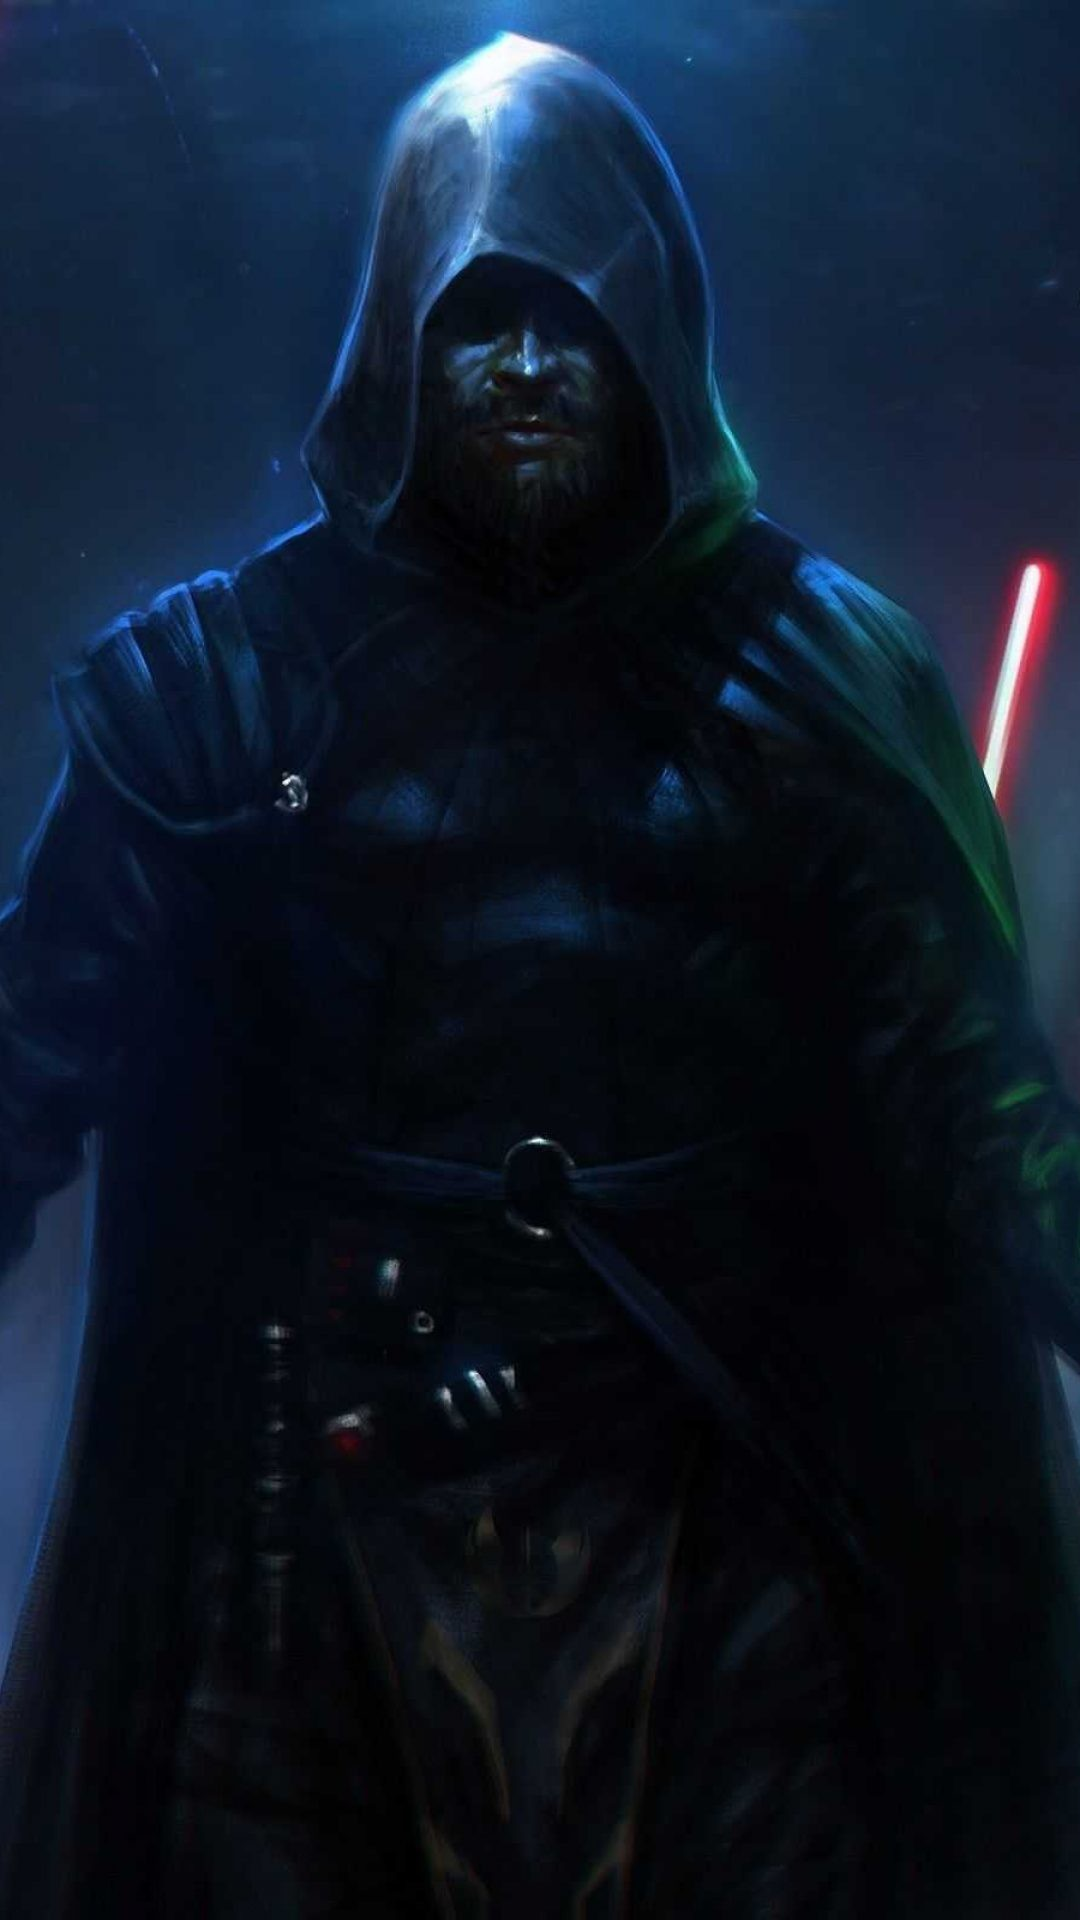 Hd jedi wallpaper 68 images - Jedi wallpaper ...